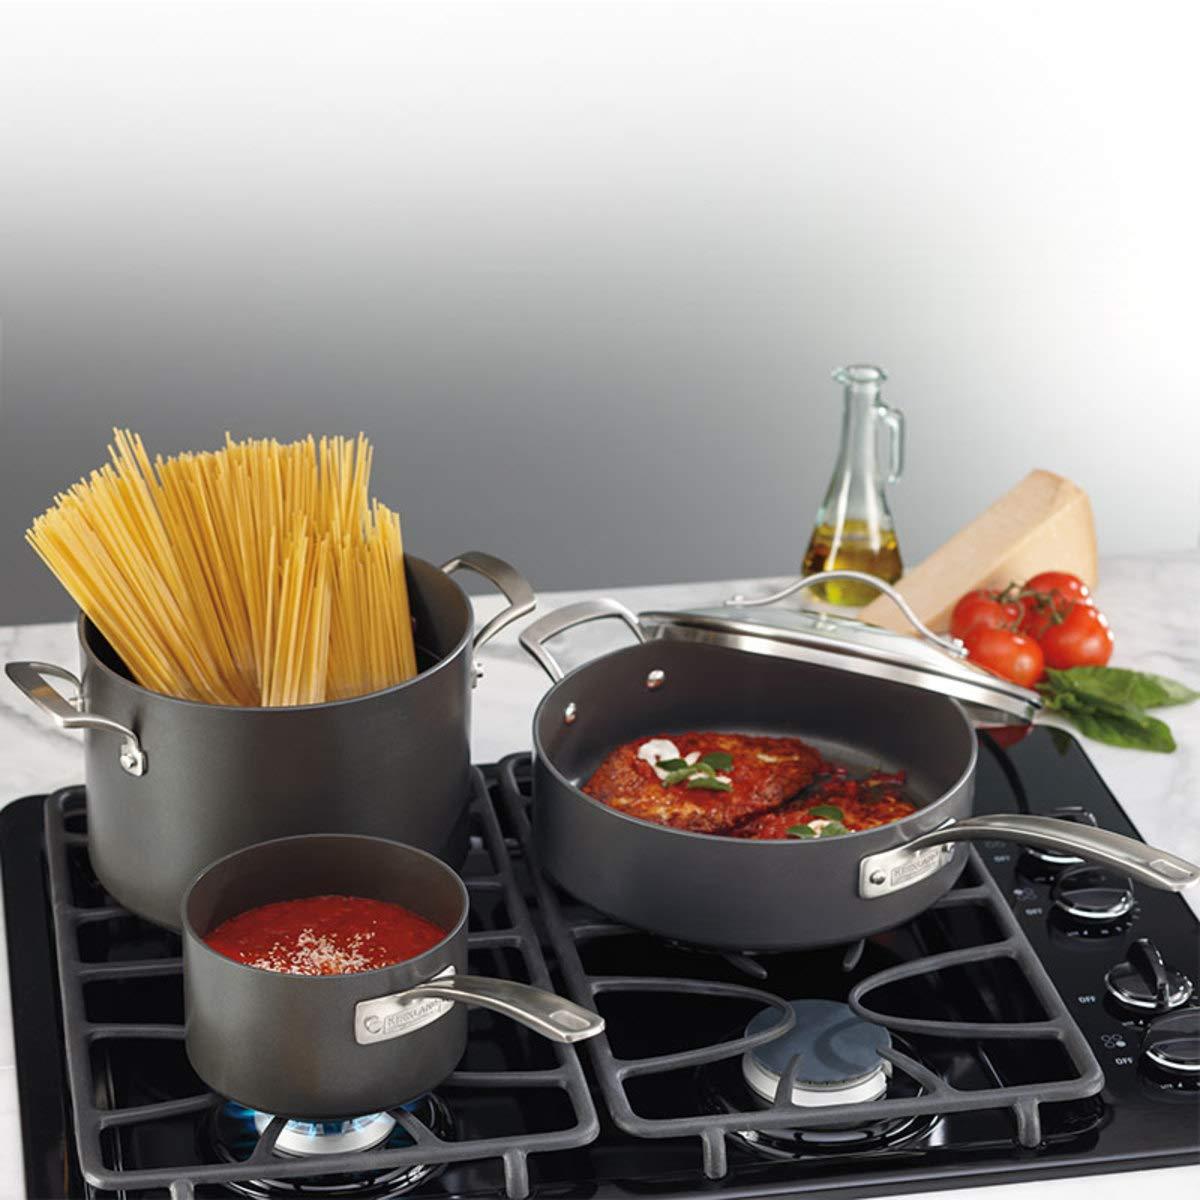 15-teilig Piece Hard anodised cookware Set harteloxiertes Aluminium Kirkland Signature Kochgeschirr